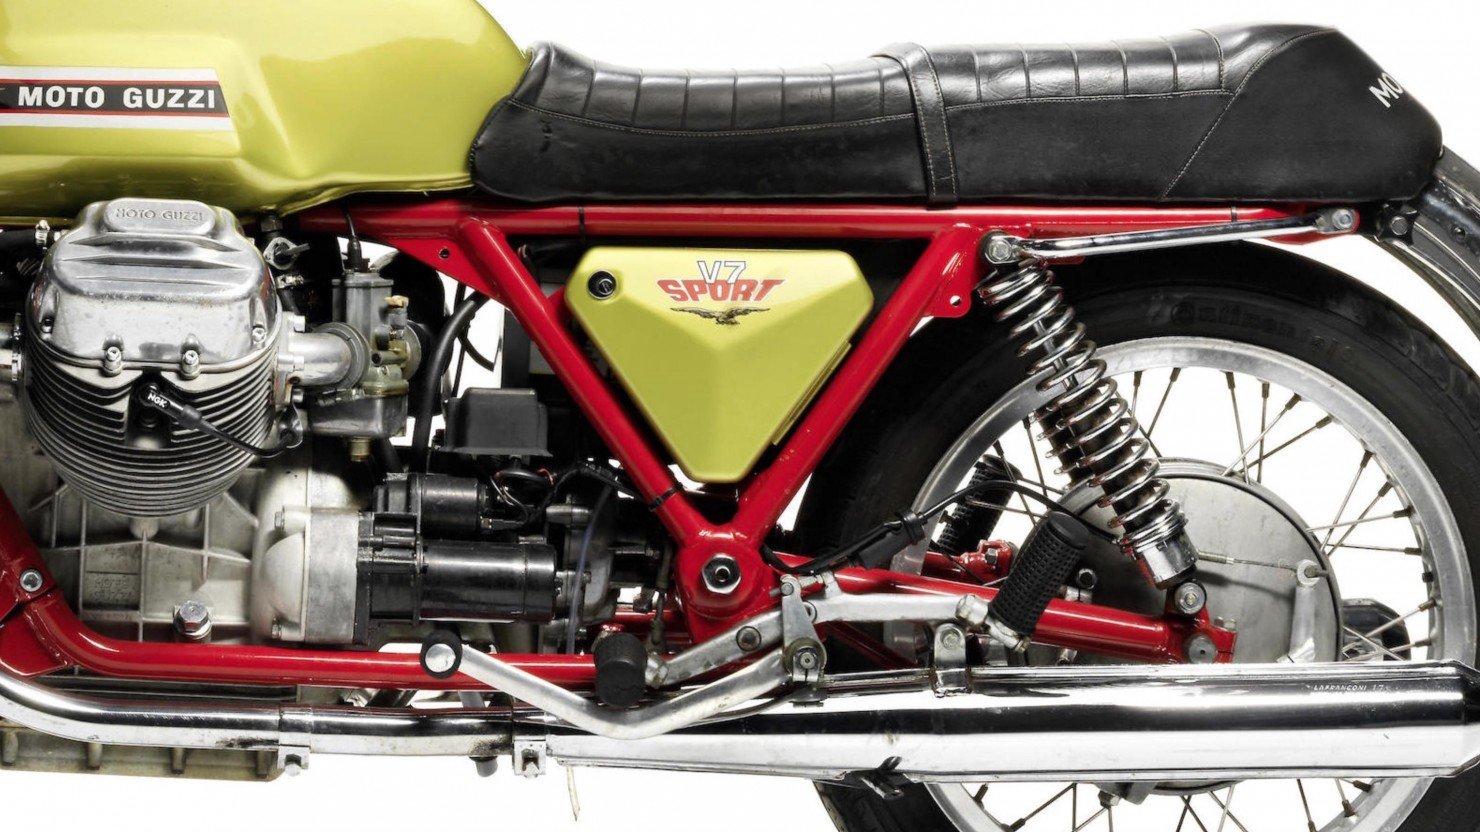 Moto Guzzi V7 Sport 6